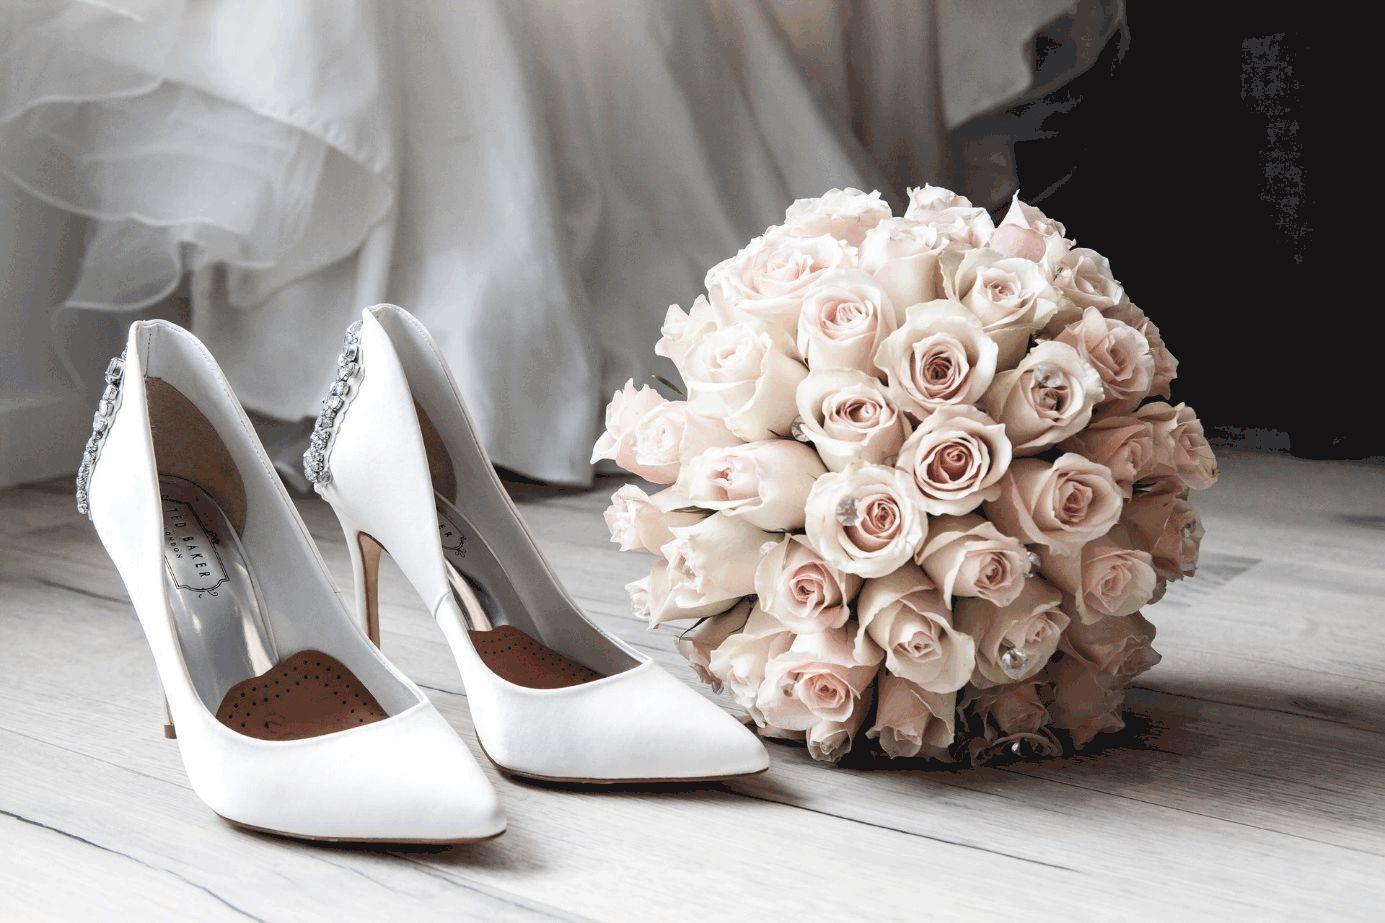 Brautschuhe und Brautstrauß auf dem Boden liegend